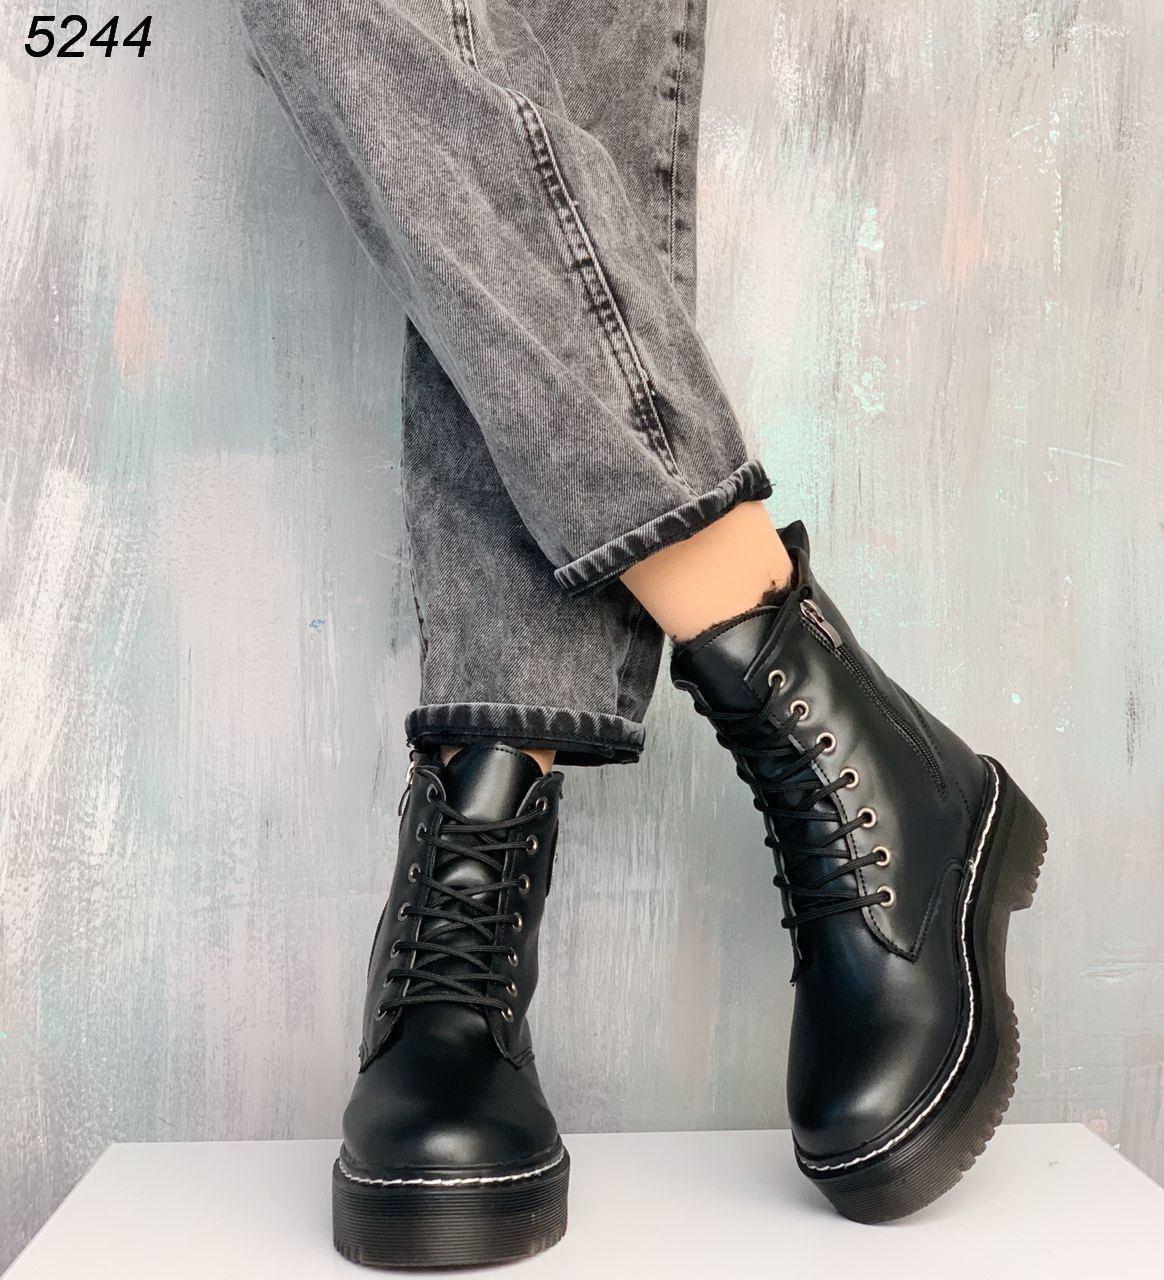 Женские зимние ботинки на шунровке из экокожи на меху kap5244